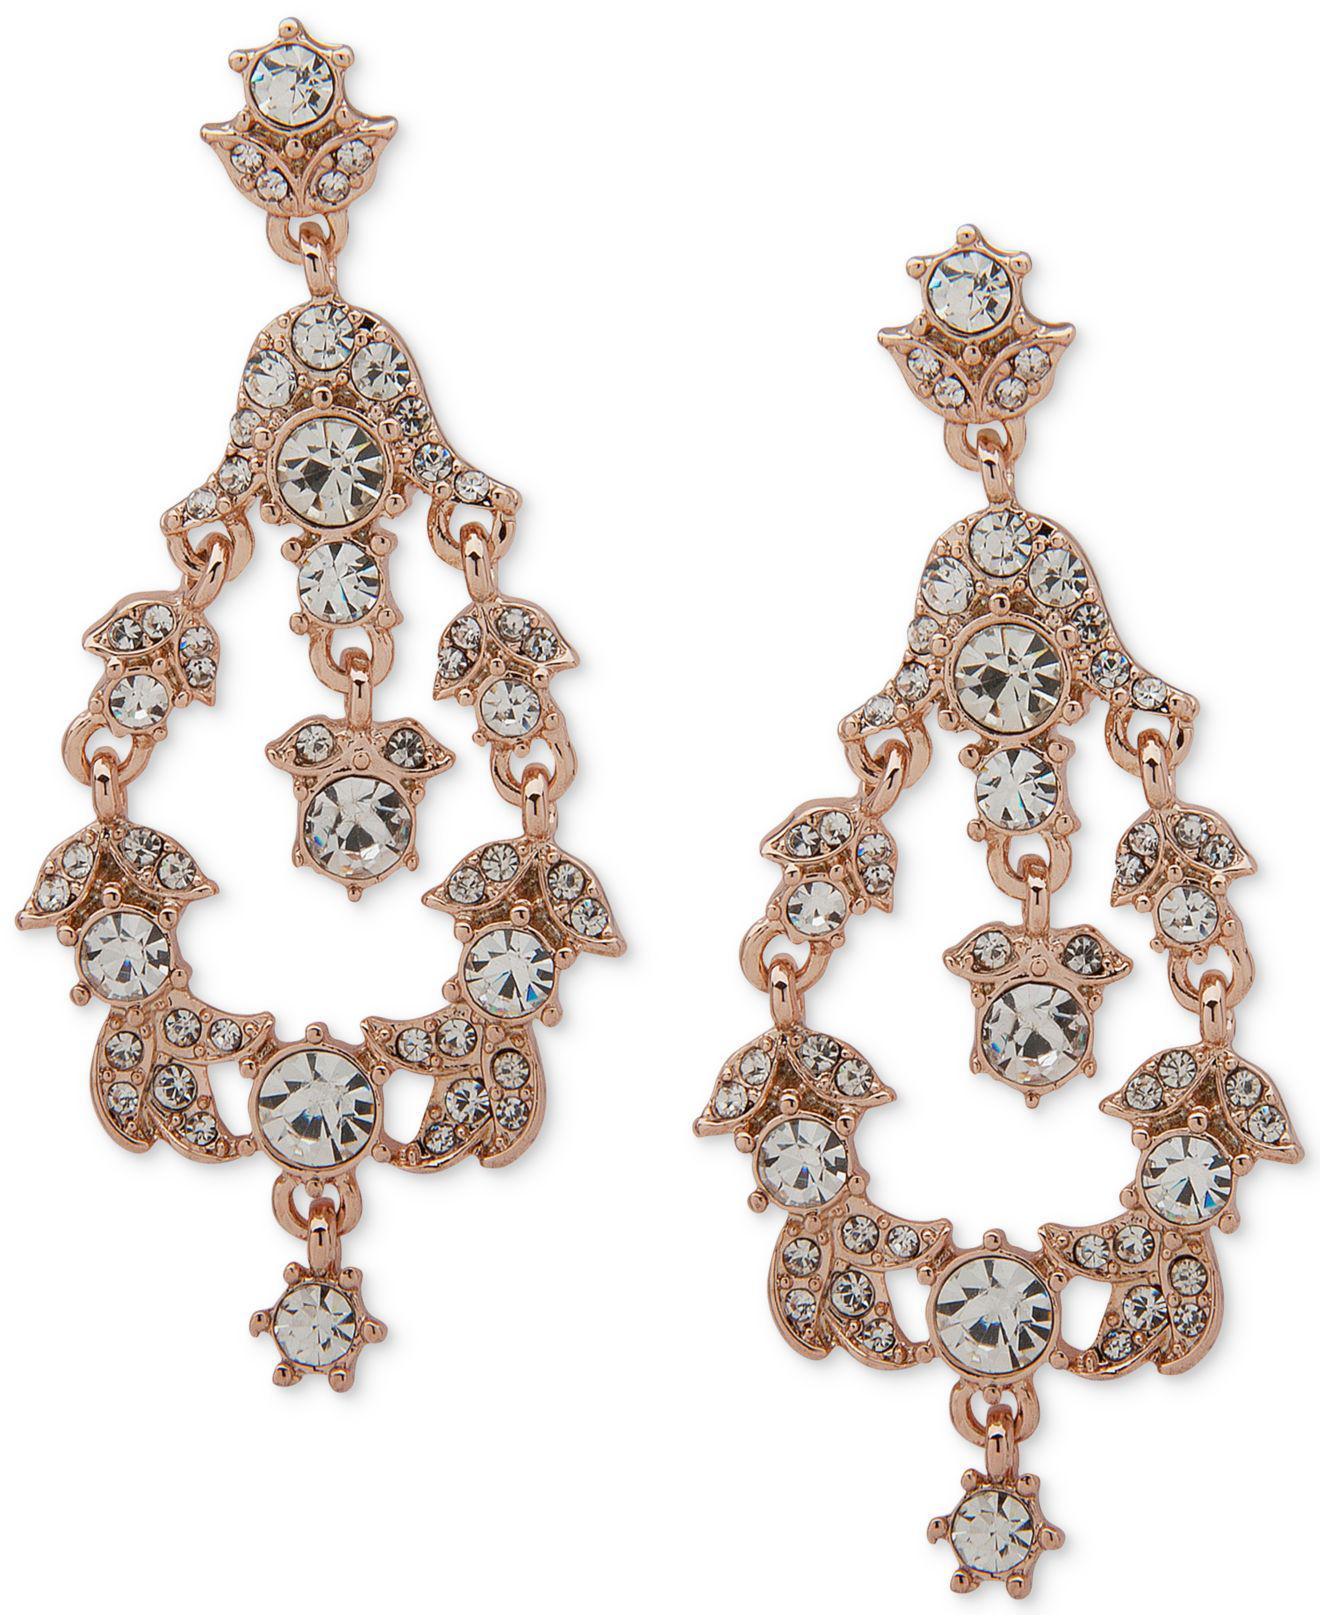 Anne Klein Women S Metallic Crystal Orbital Clip On Drop Earrings